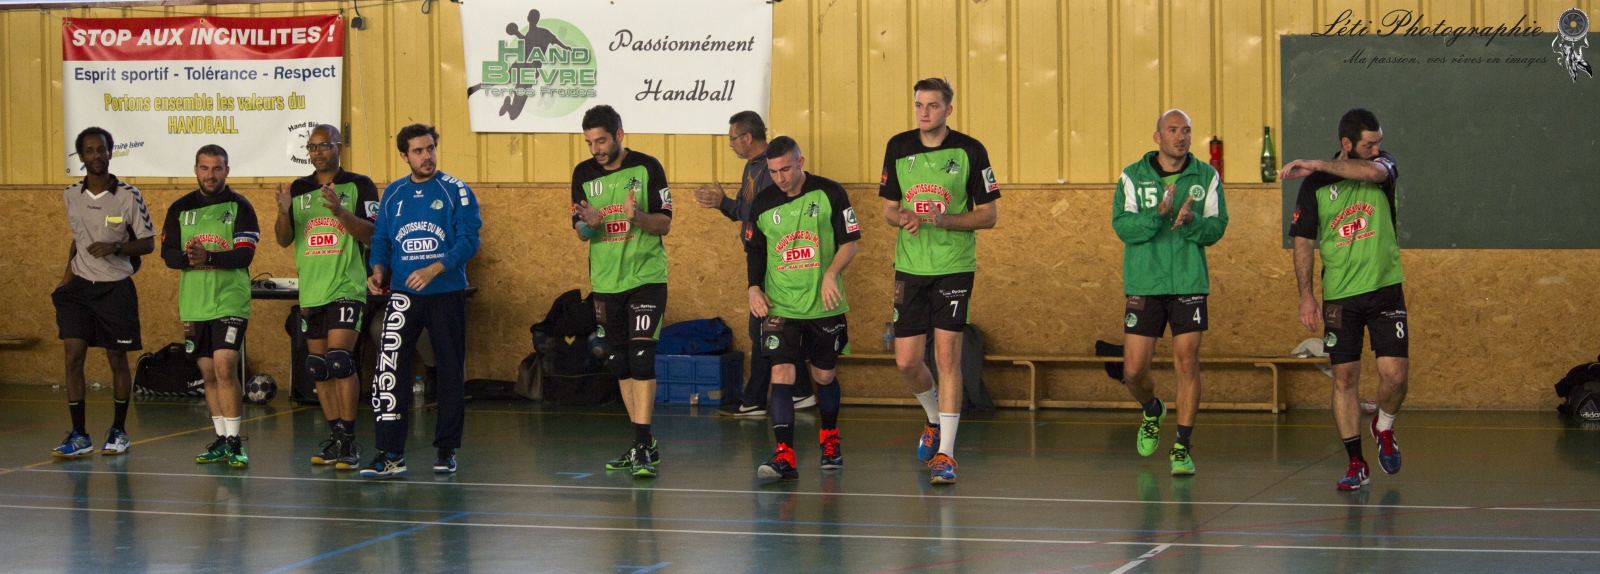 SG 1 : Une conclusion au goût amer... - Hand Bievre Terres Froides - Club de Handball en Isère